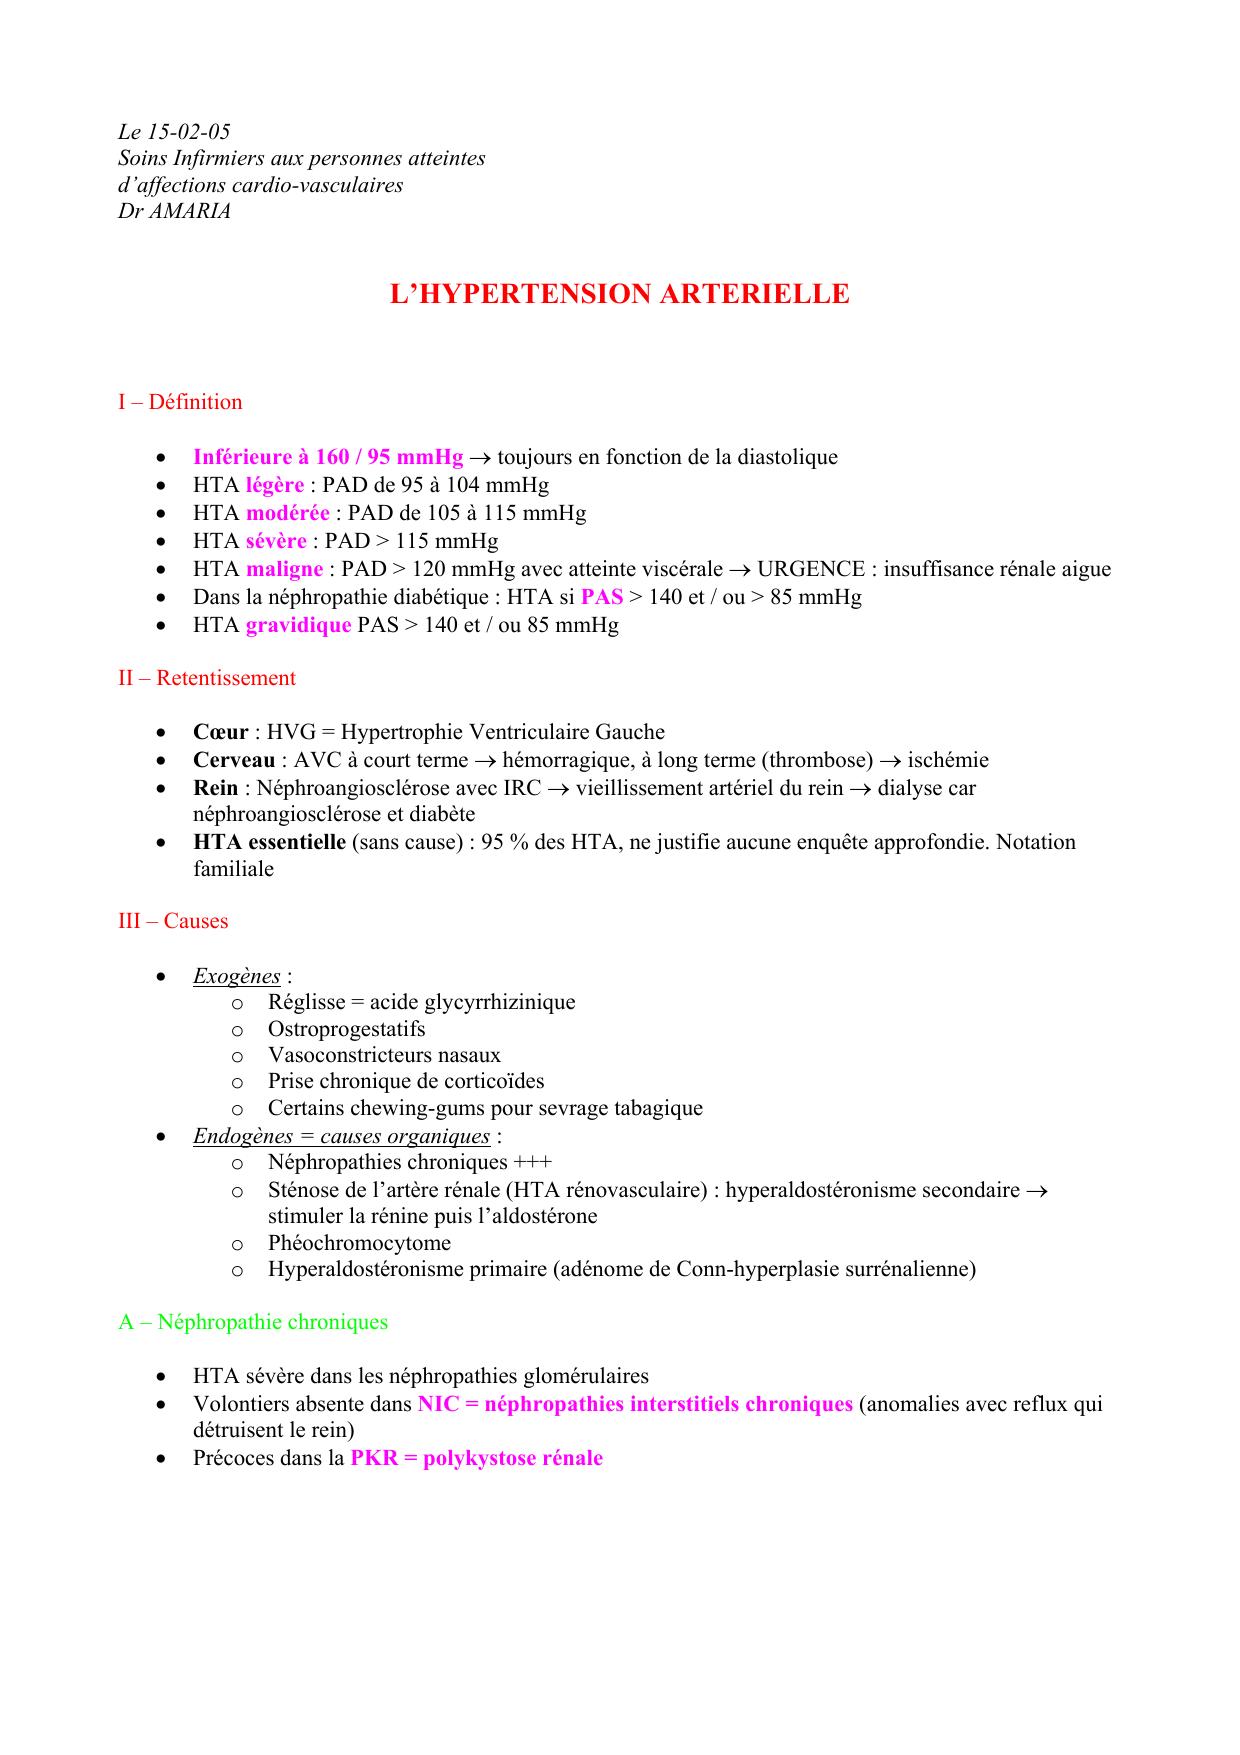 catécholamines urinaires phéochromocytome